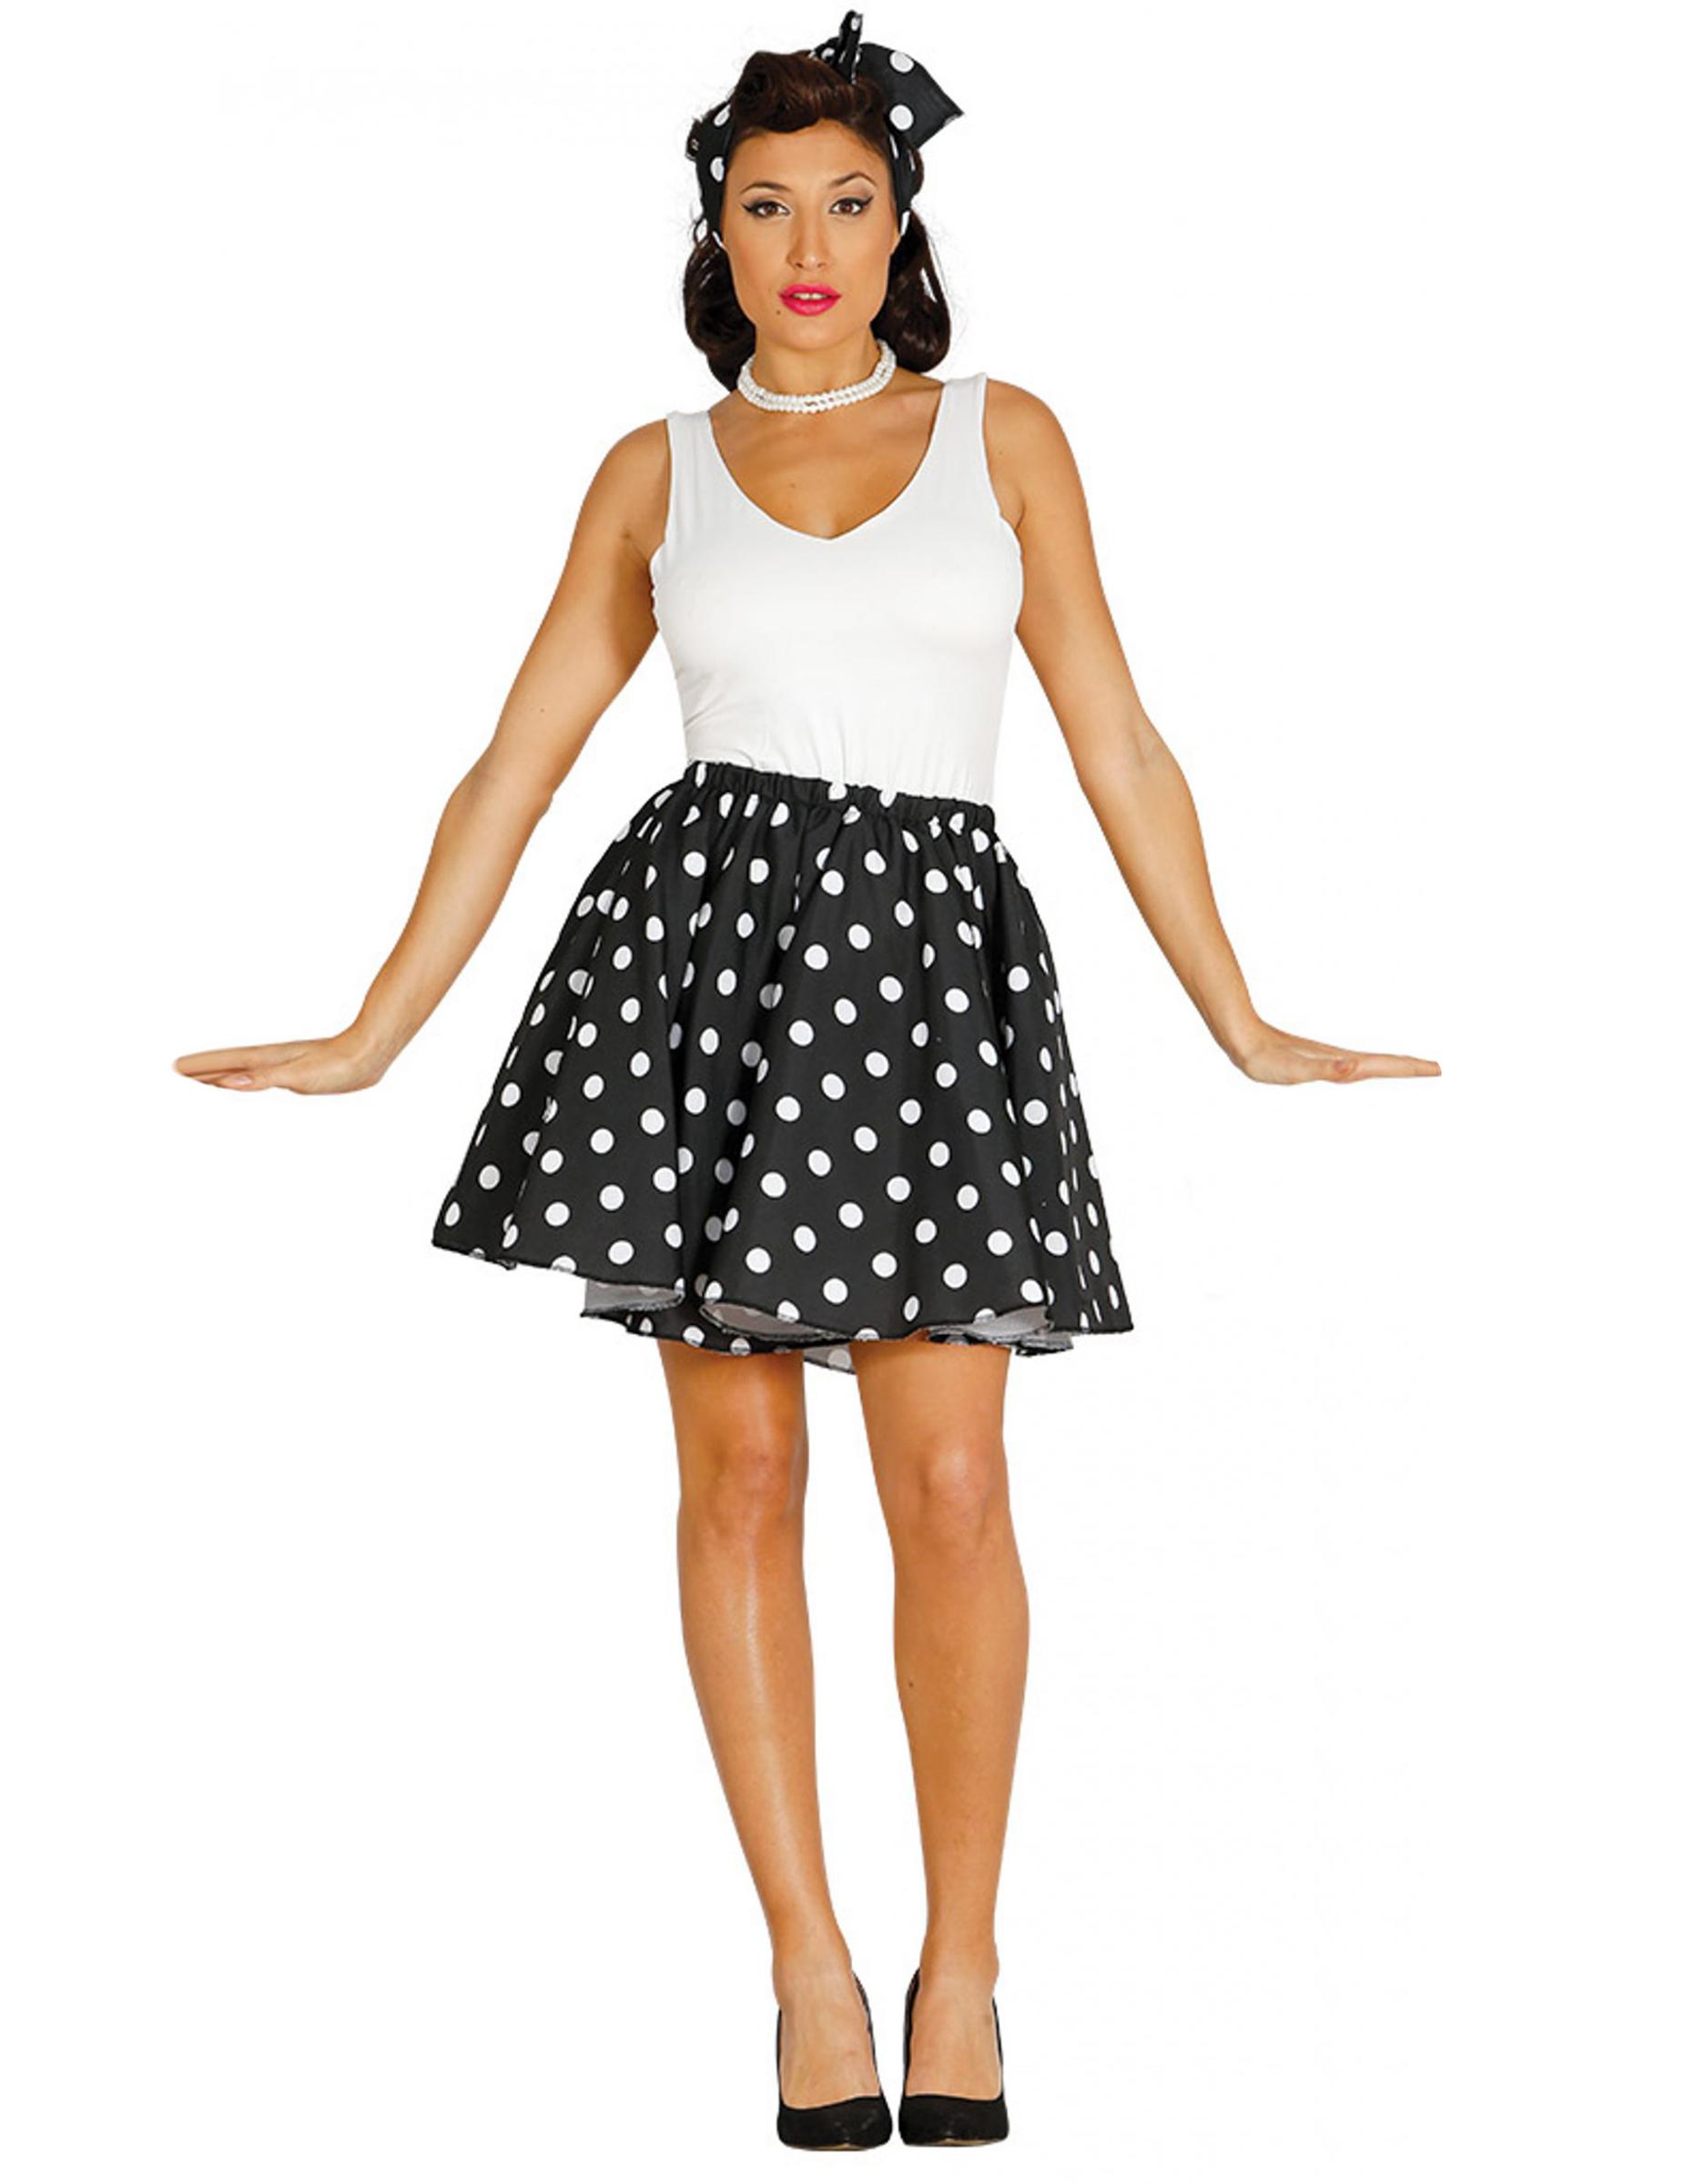 sale retailer 13e42 13b6c Svart kjol och scarf med prickar i 50-talsstil dam